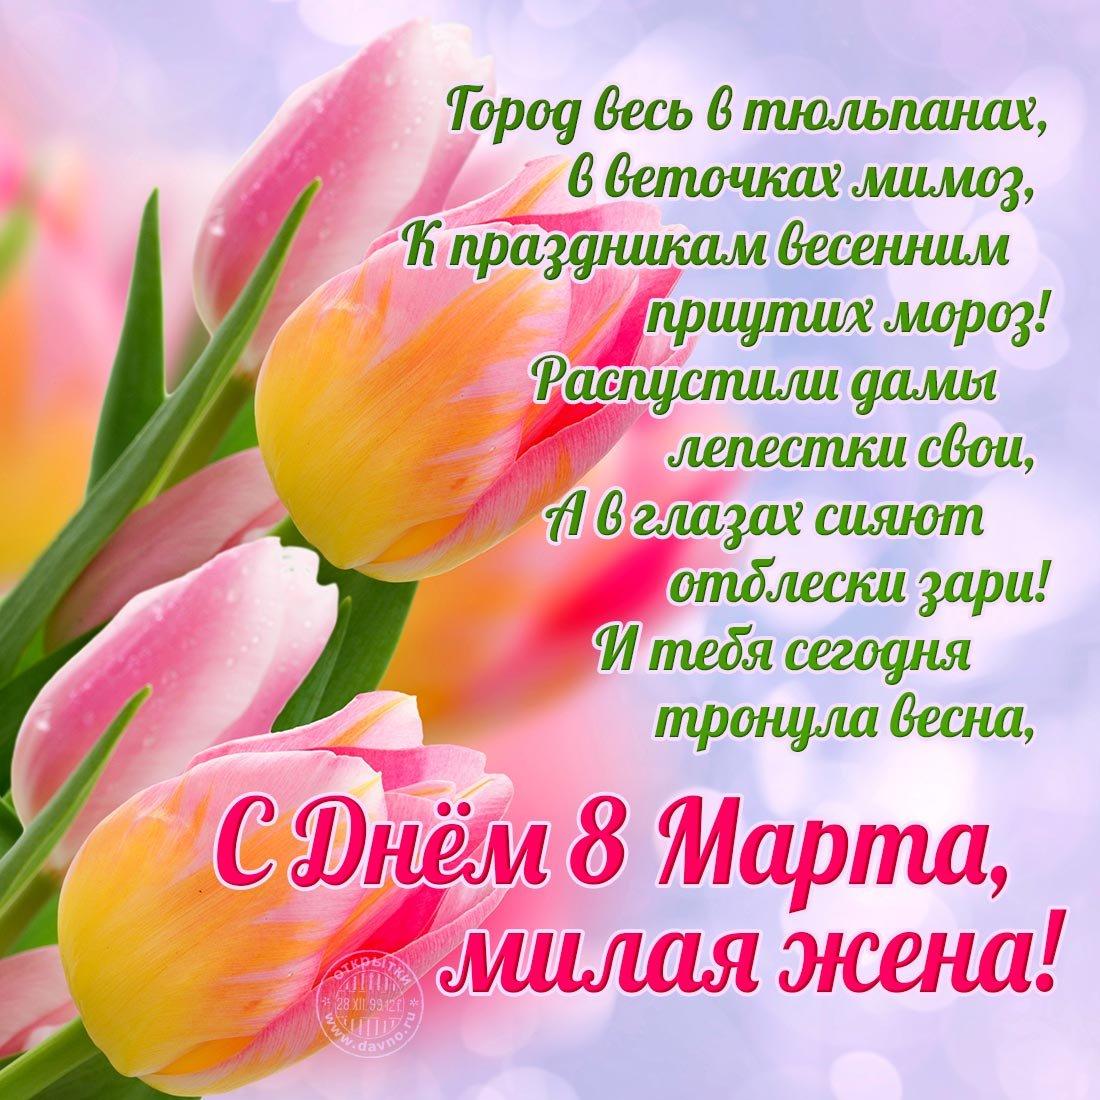 Поздравления с 8 марта в стихах красивые в открытке, открытка для детей